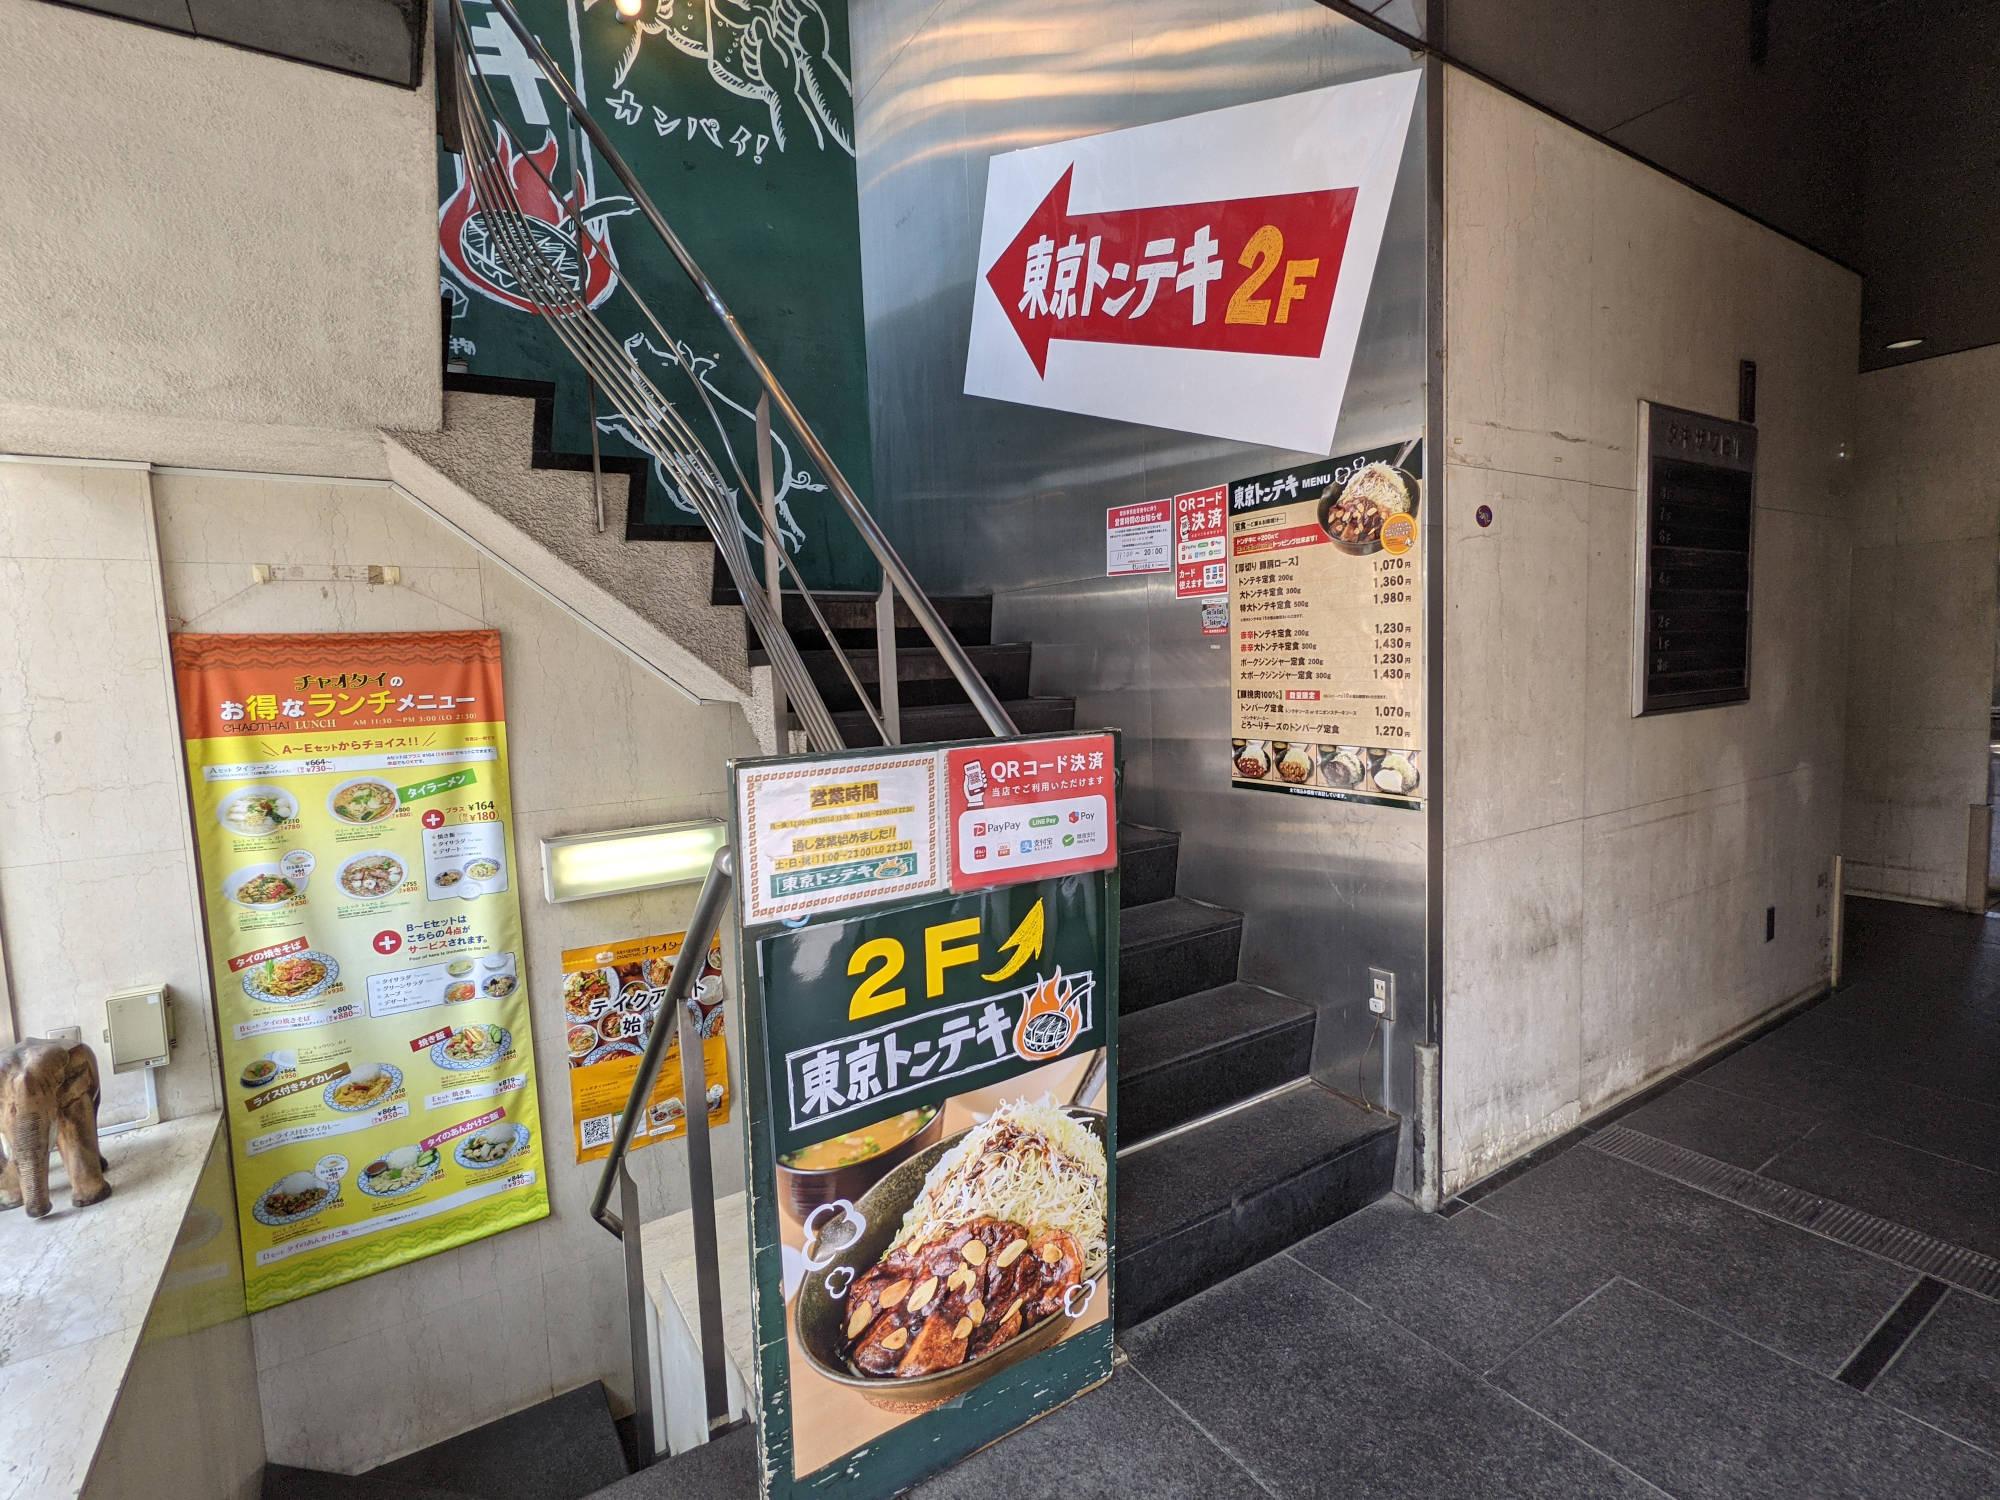 東京トンテキの入り口